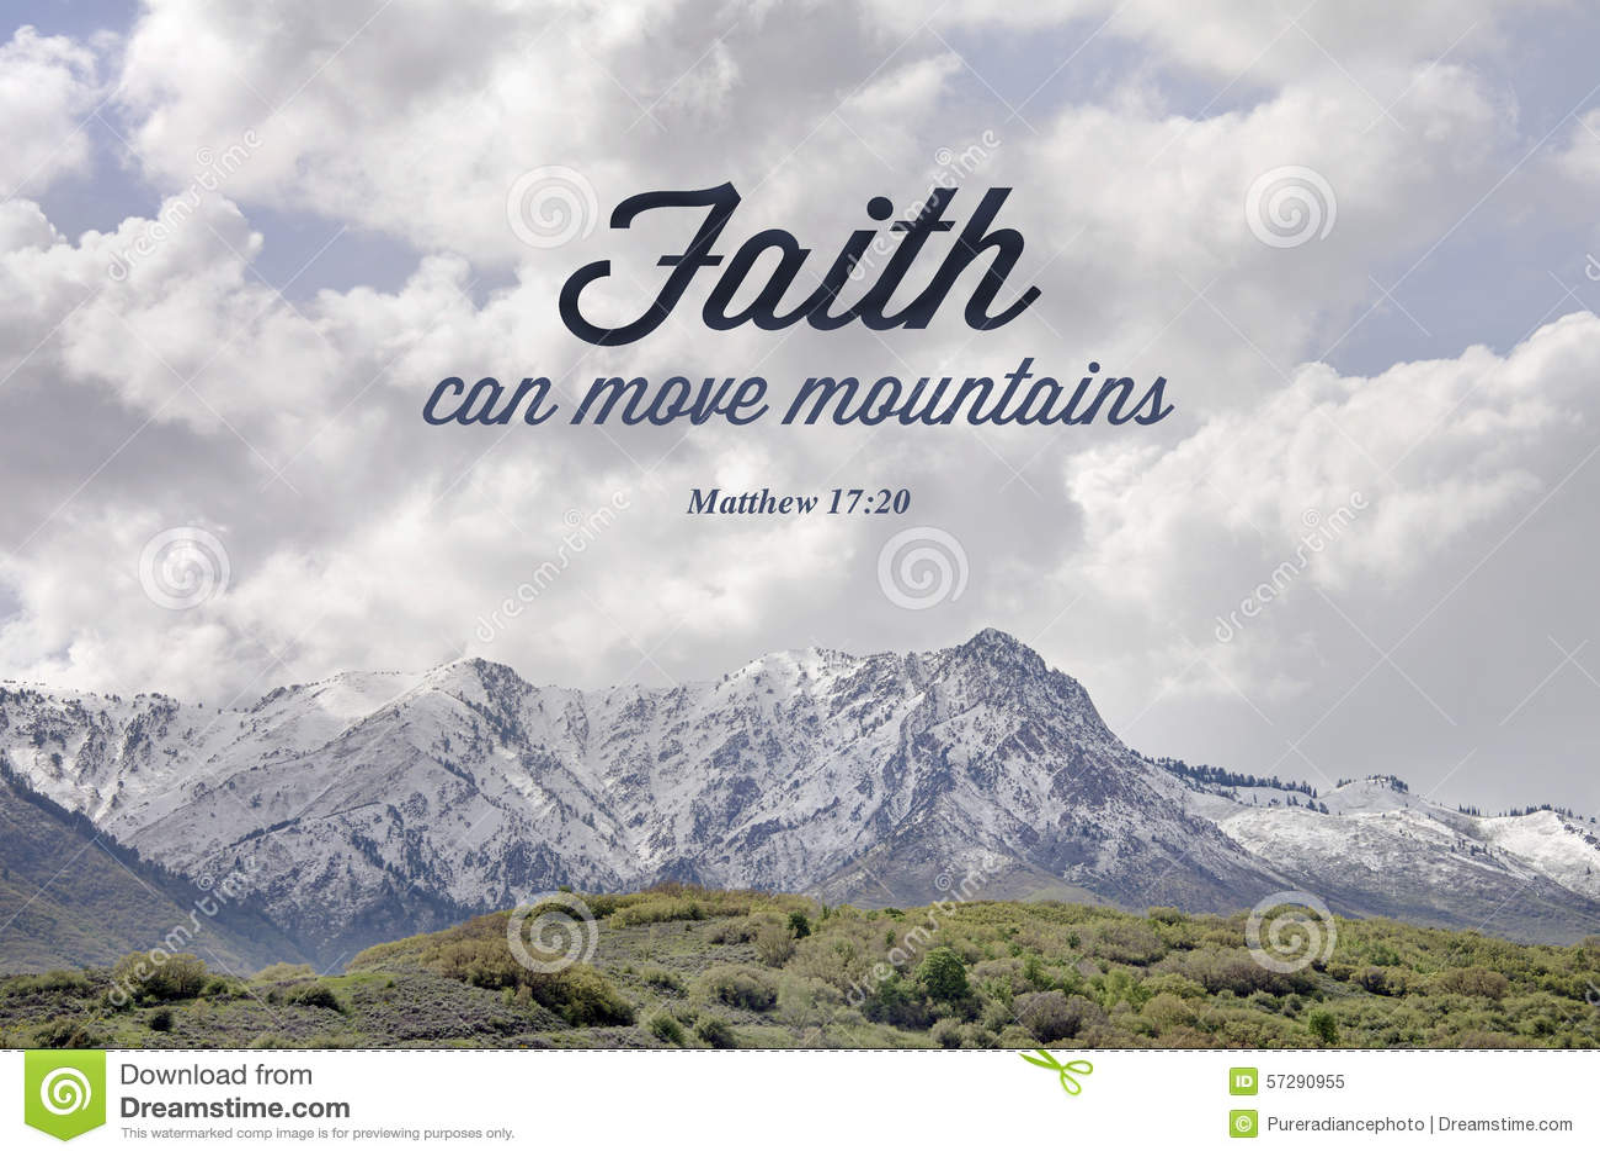 山马修17:20圣经诗歌